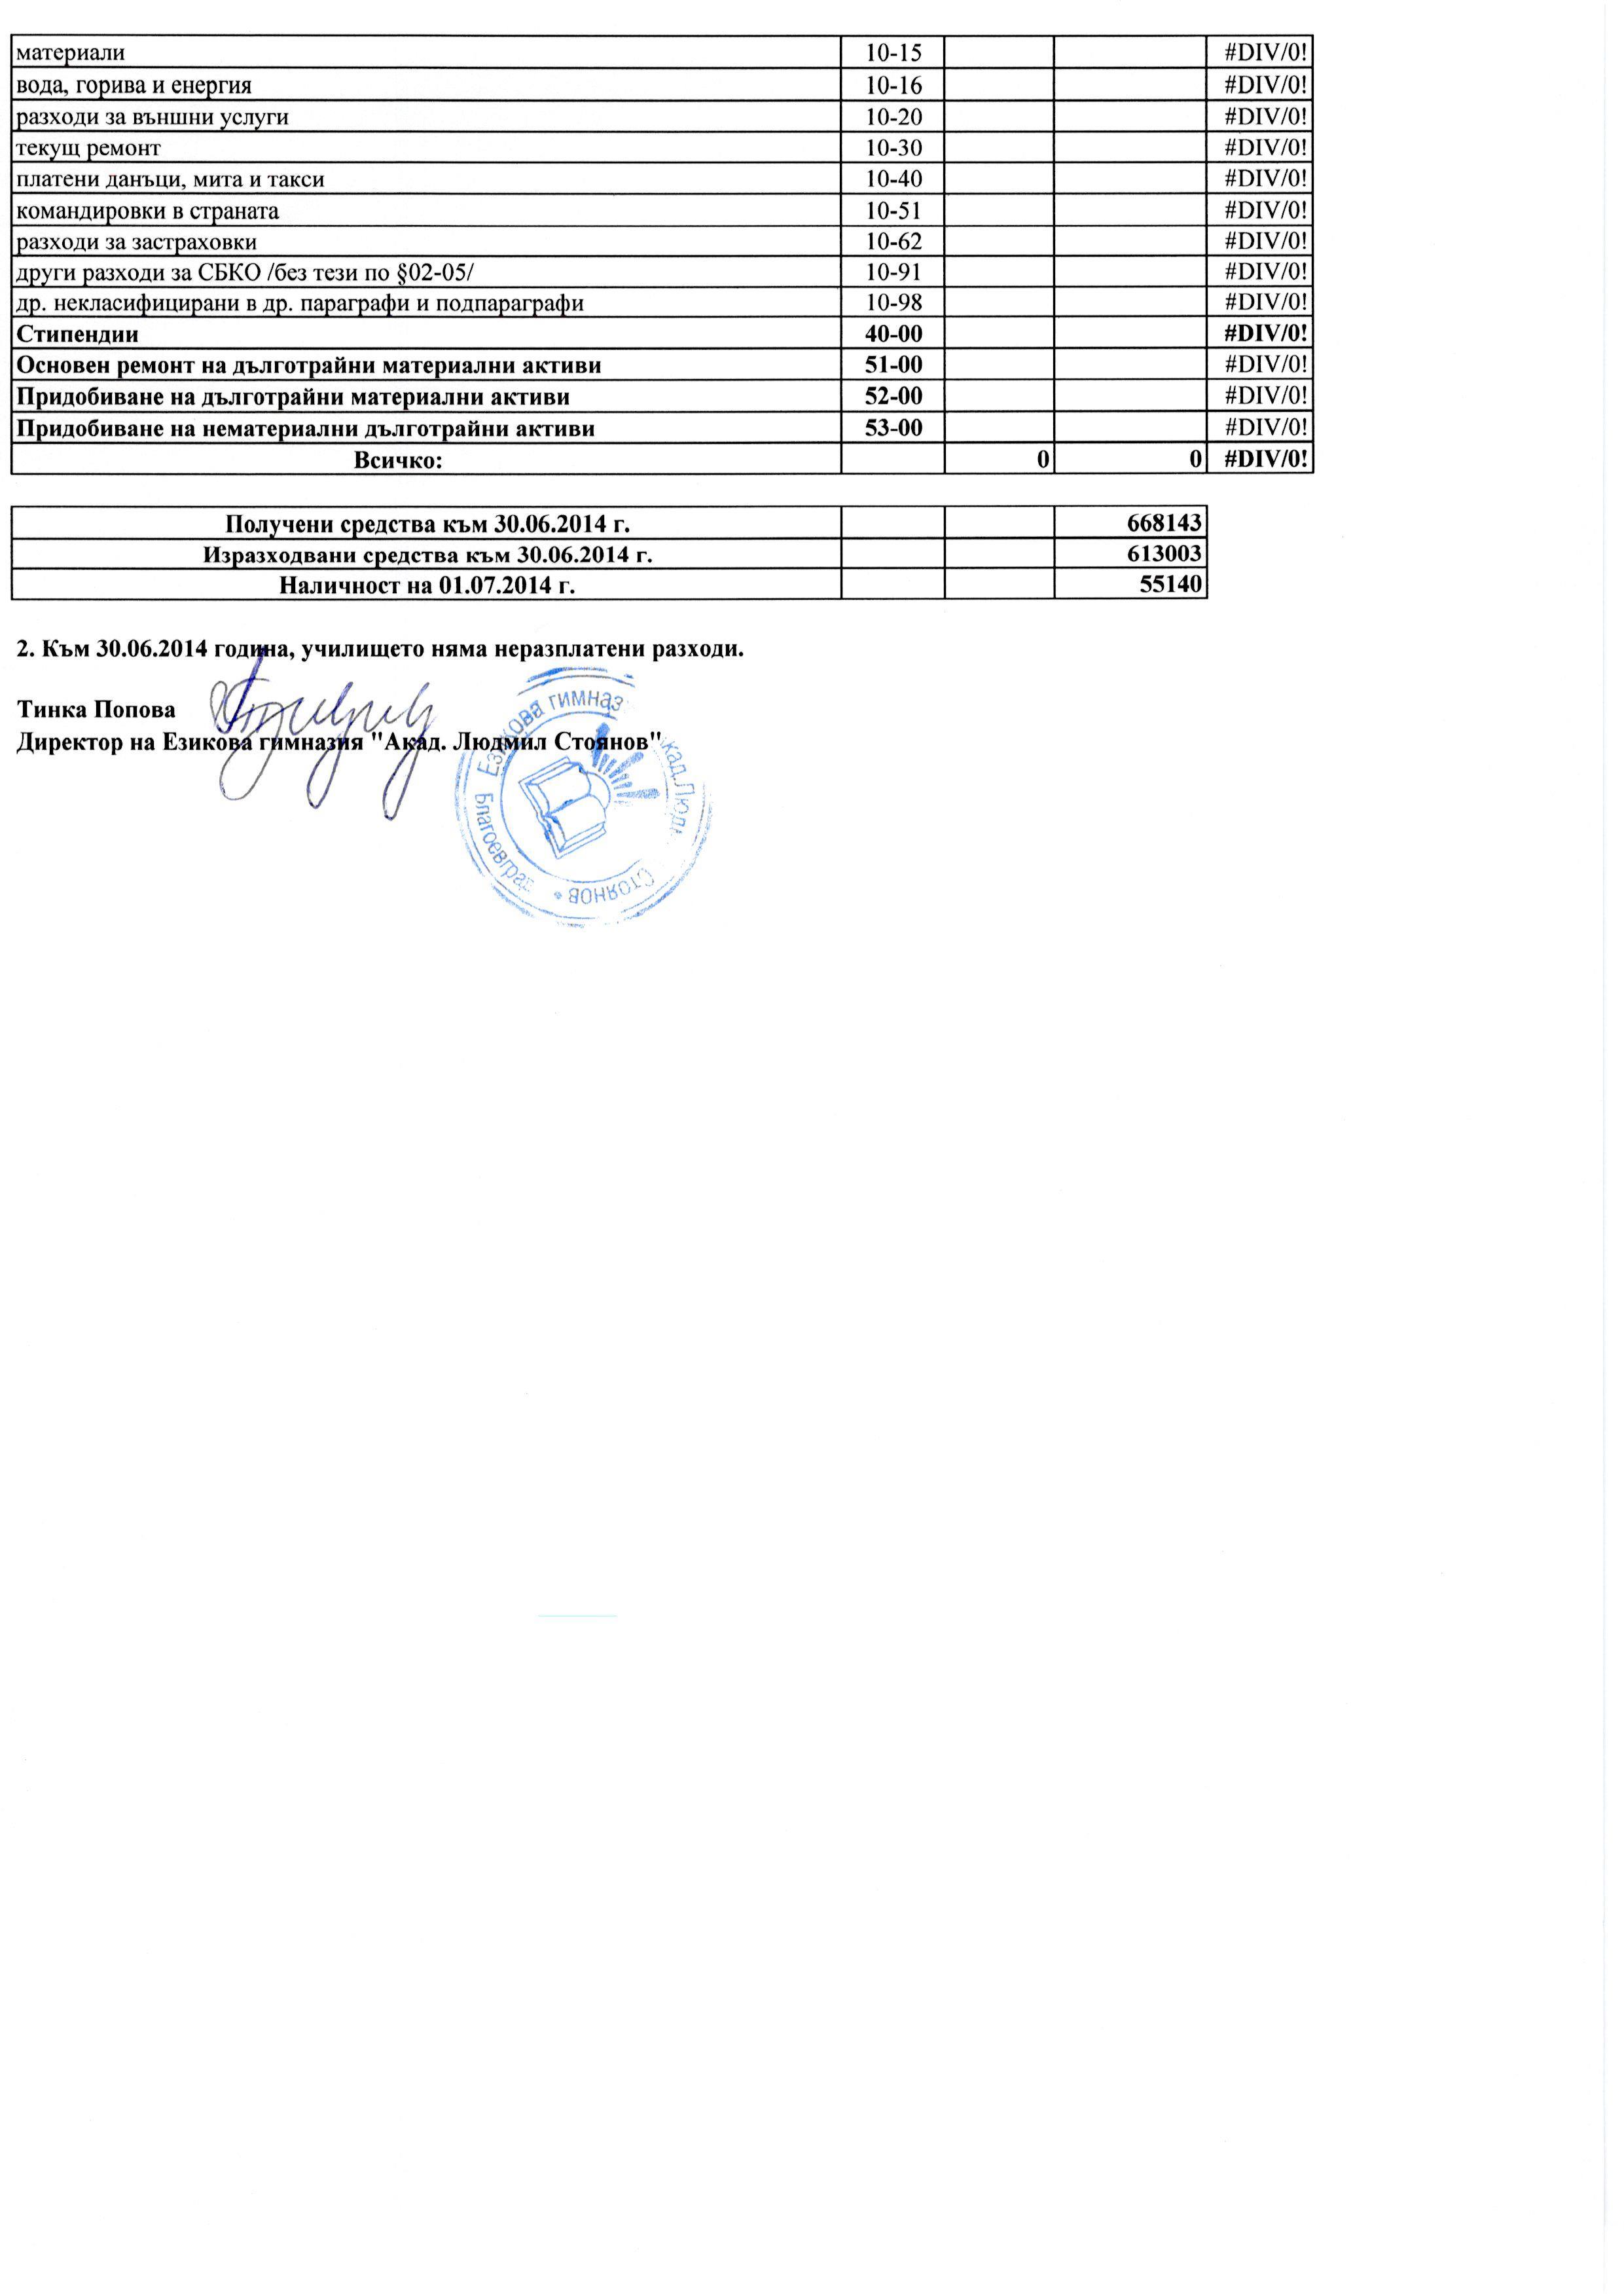 otchet 30.06.2014 Page 10